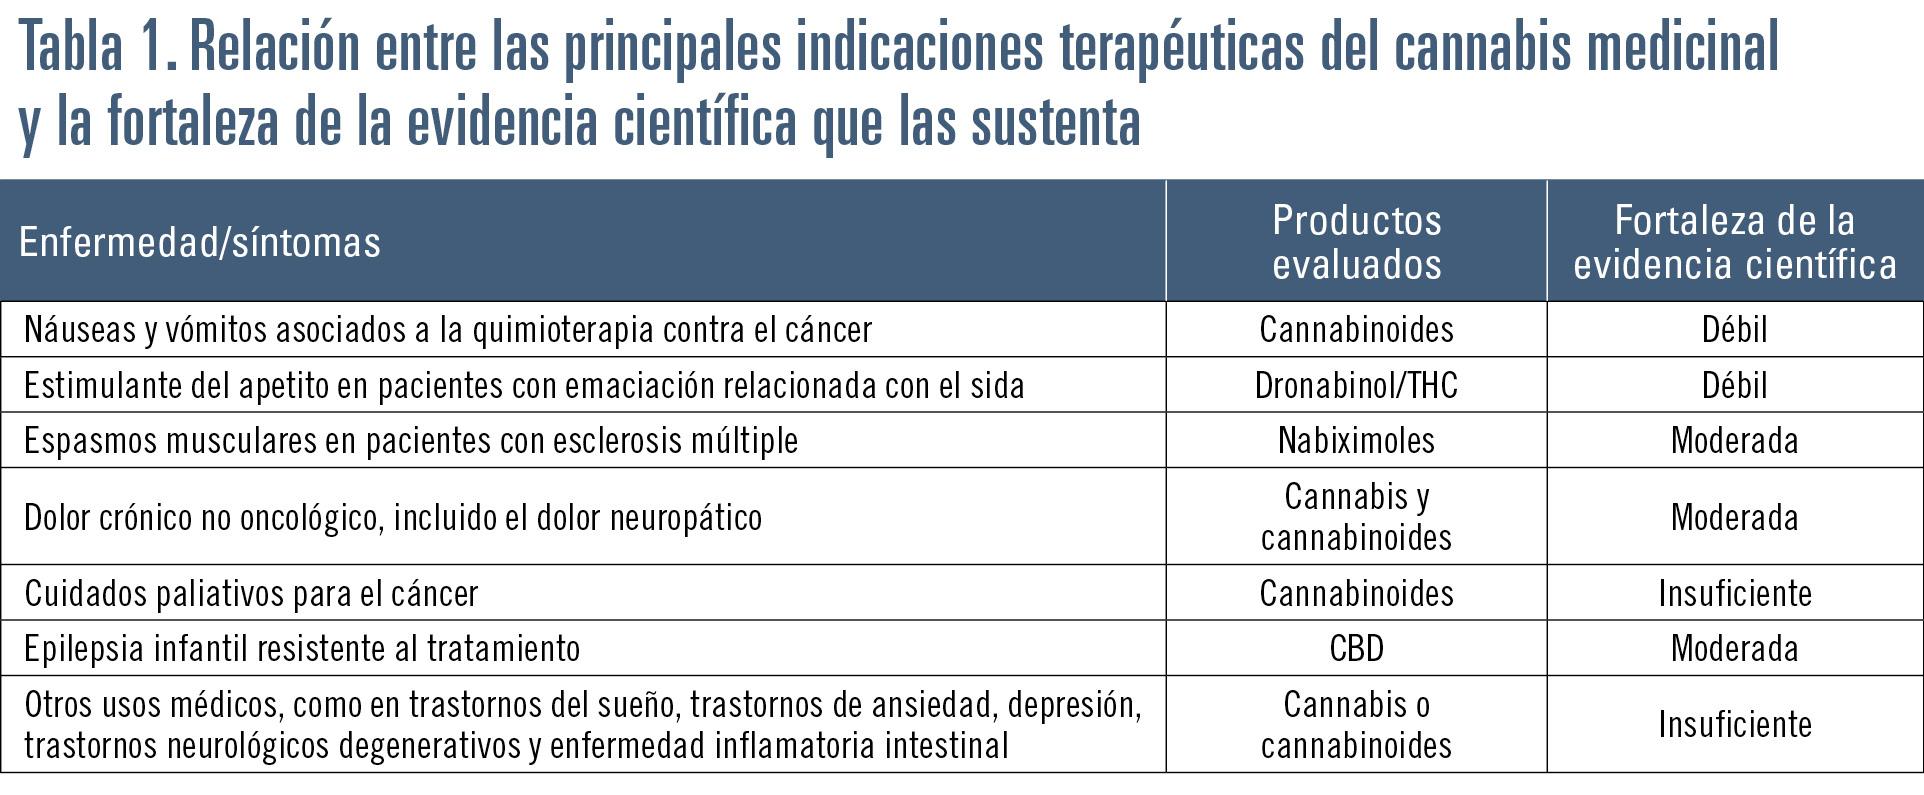 27 EF597 PROFESION cannabis tabla 1